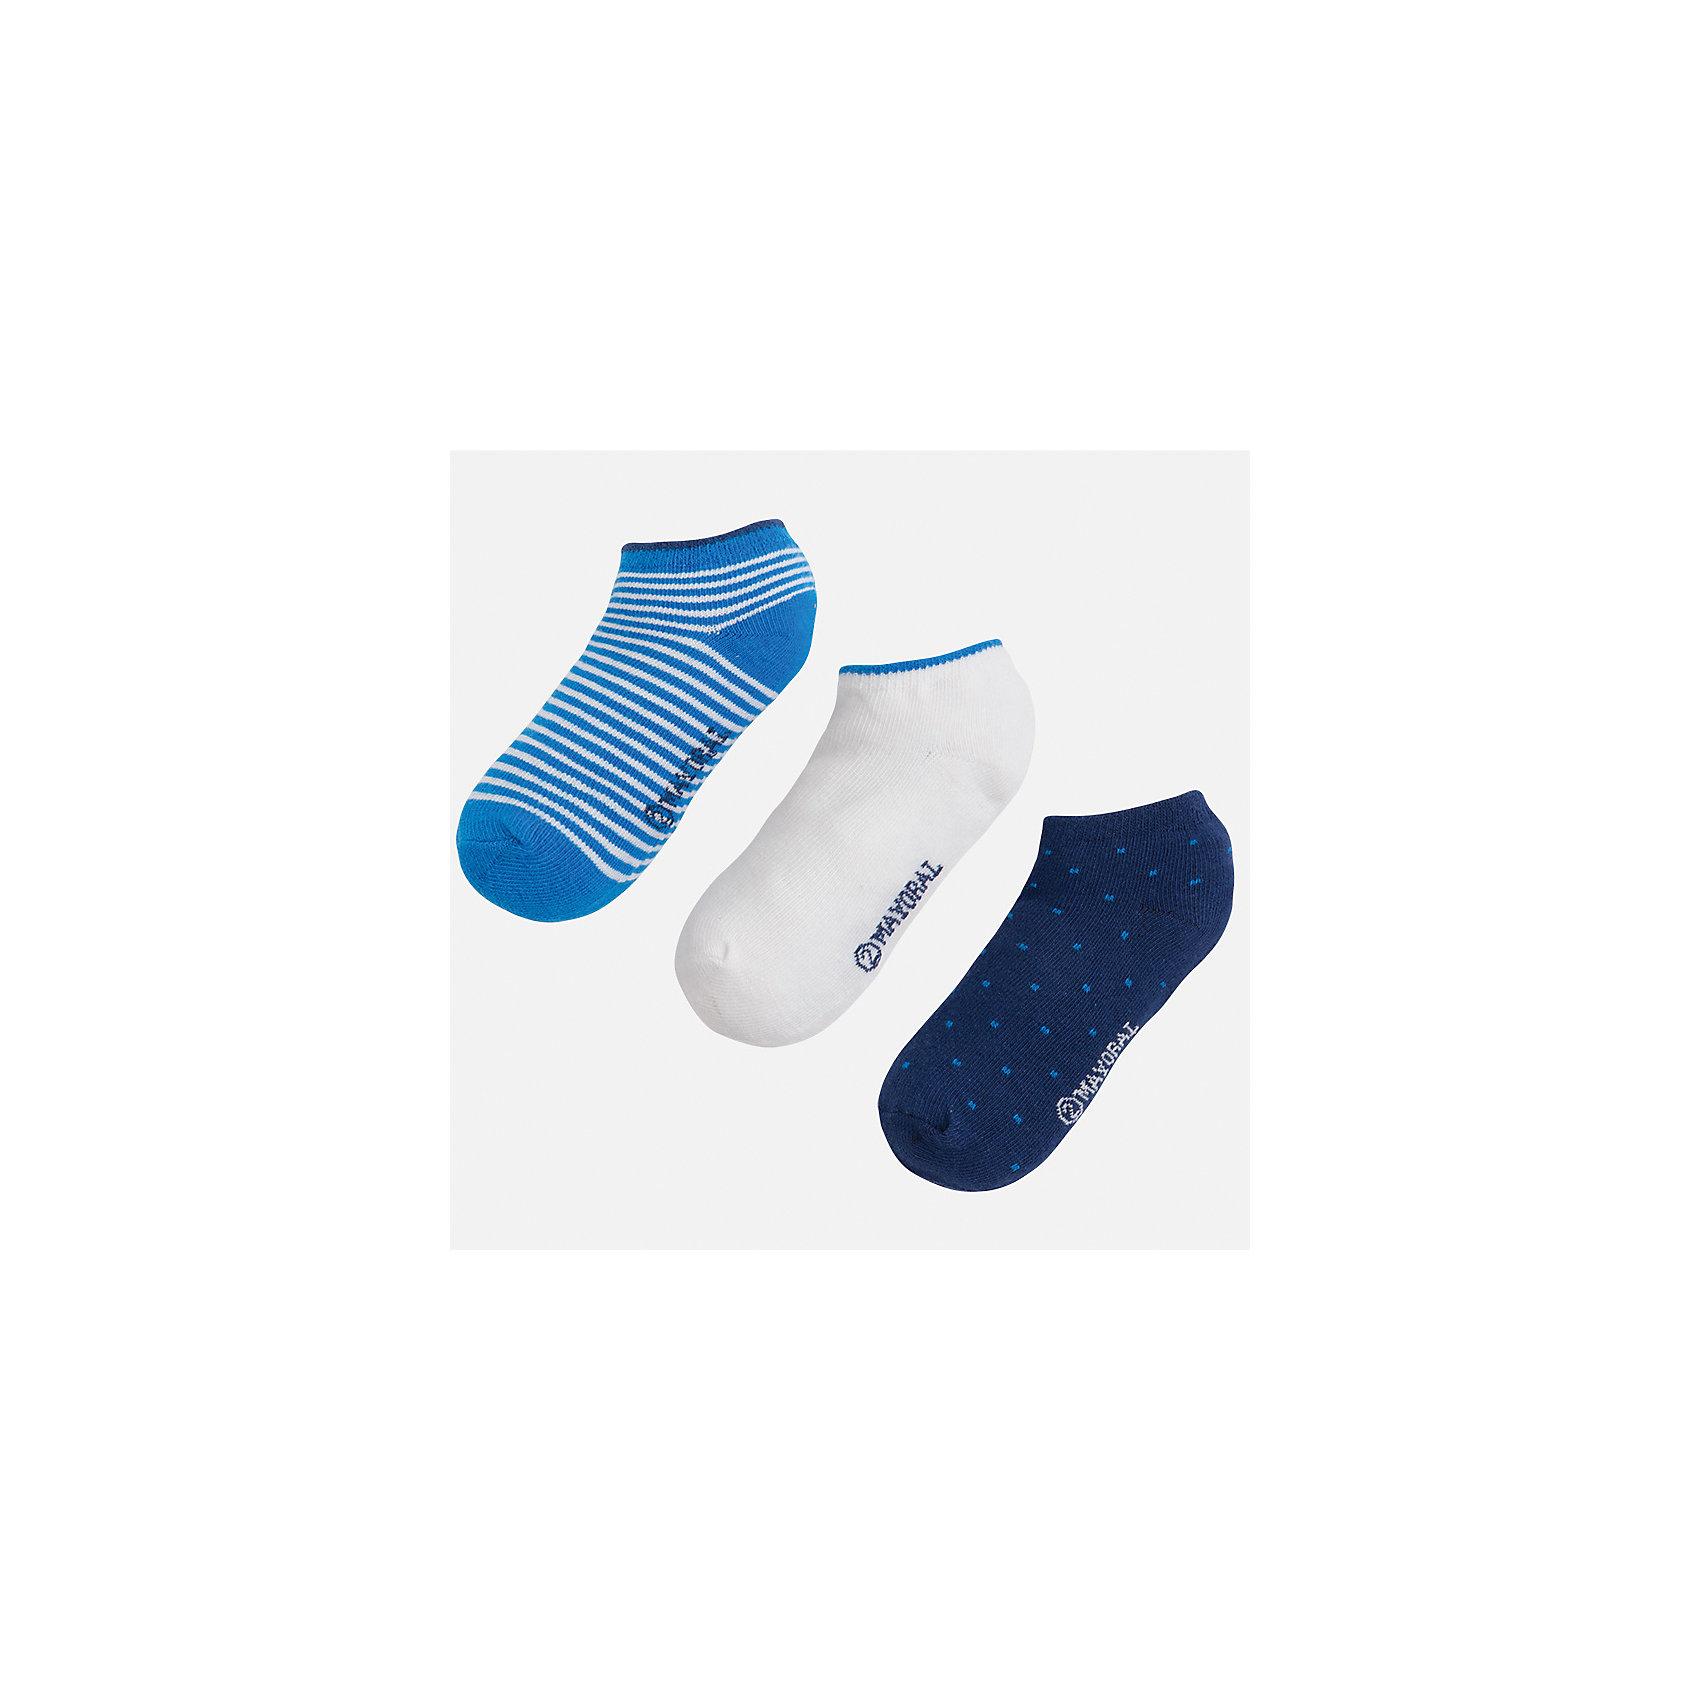 Носки (3 пары) для мальчика MayoralНоски<br>Характеристики товара:<br><br>• цвет: синий/белый/голубой<br>• состав: 72% хлопок, 25% полиамид, 3% эластан<br>• комплектация: три пары<br>• мягкая резинка<br>• эластичный материал<br>• декорированы рисунком<br>• страна бренда: Испания<br><br>Удобные симпатичные носки для мальчика помогут обеспечить ребенку комфорт и дополнить наряд. Универсальный цвет позволяет надевать их под обувь разных расцветок. Носки удобно сидят на ноге и аккуратно смотрятся. Этот комплект - практичный и красивый! В составе материала - натуральный хлопок, гипоаллергенный, приятный на ощупь, дышащий. <br><br>Одежда, обувь и аксессуары от испанского бренда Mayoral полюбились детям и взрослым по всему миру. Модели этой марки - стильные и удобные. Для их производства используются только безопасные, качественные материалы и фурнитура. Порадуйте ребенка модными и красивыми вещами от Mayoral! <br><br>Носки (3 пары) для мальчика от испанского бренда Mayoral (Майорал) можно купить в нашем интернет-магазине.<br><br>Ширина мм: 87<br>Глубина мм: 10<br>Высота мм: 105<br>Вес г: 115<br>Цвет: синий/белый<br>Возраст от месяцев: 72<br>Возраст до месяцев: 96<br>Пол: Мужской<br>Возраст: Детский<br>Размер: 8,2,4,6<br>SKU: 5294372